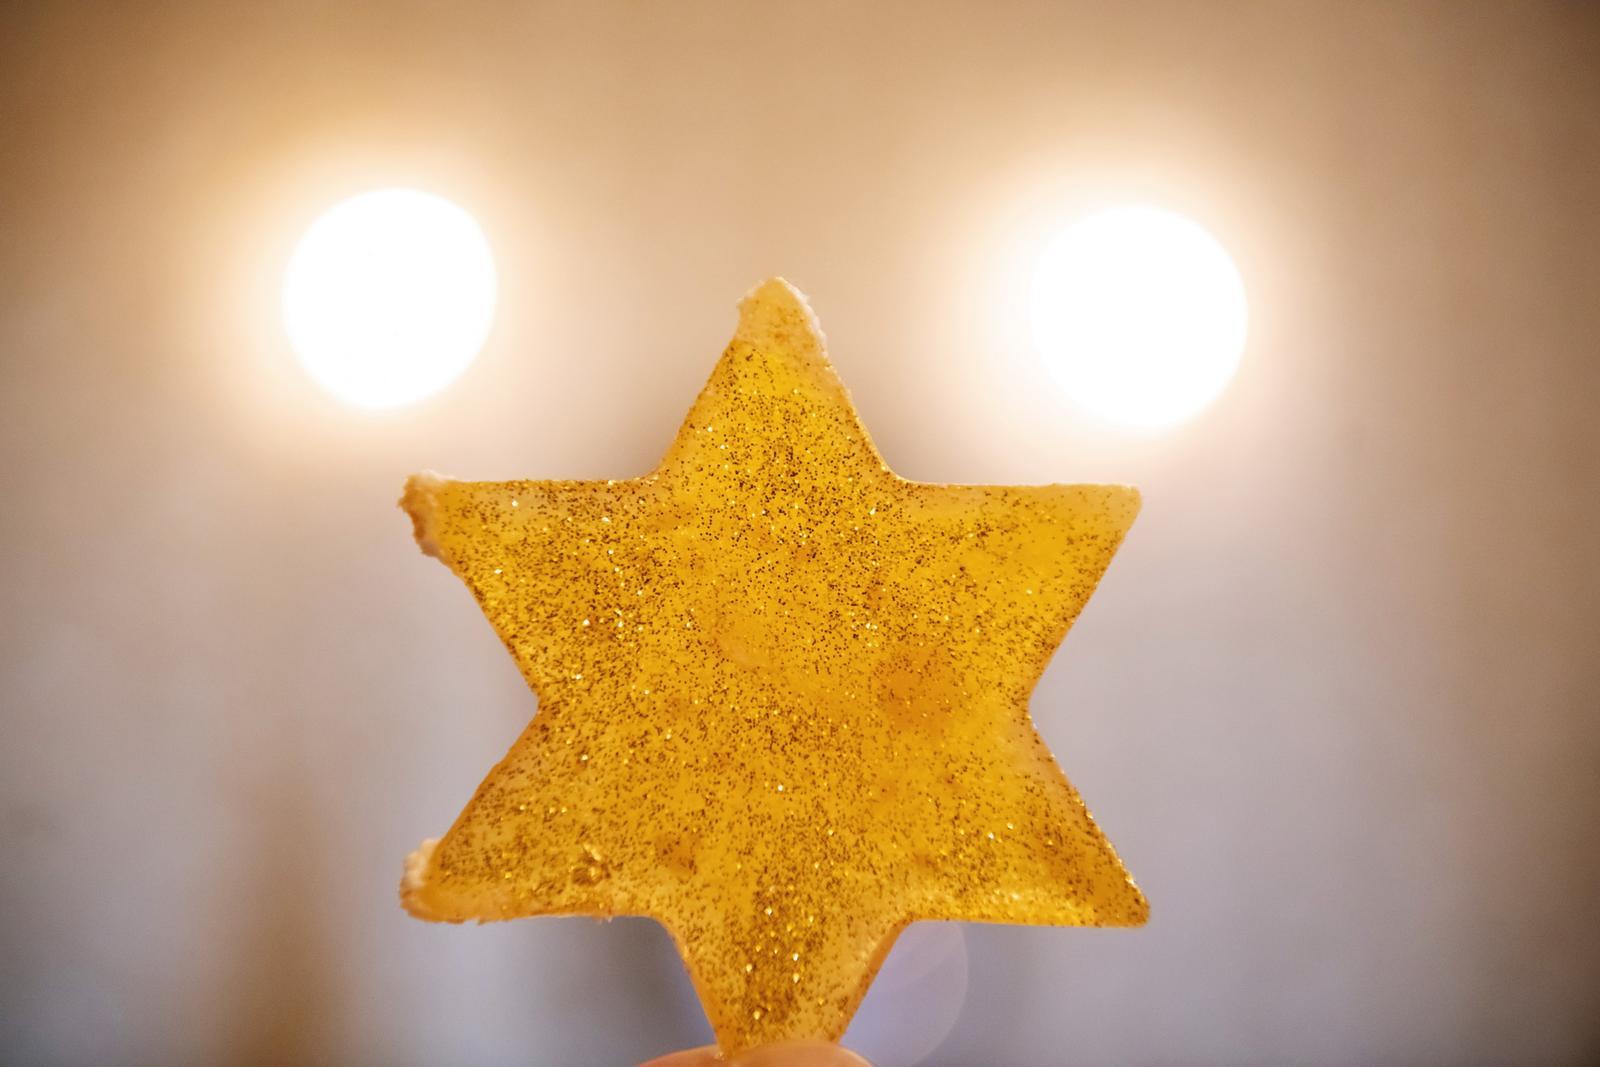 Alexandra{{_AND_}}Dávid - Ad astra per aspera - cez prekazky ku hviezdam, je nase motto... a preto hviezdickove detaily nemohli chybat... vo vlasoch, na manikure, a samozrejme ani na torte...